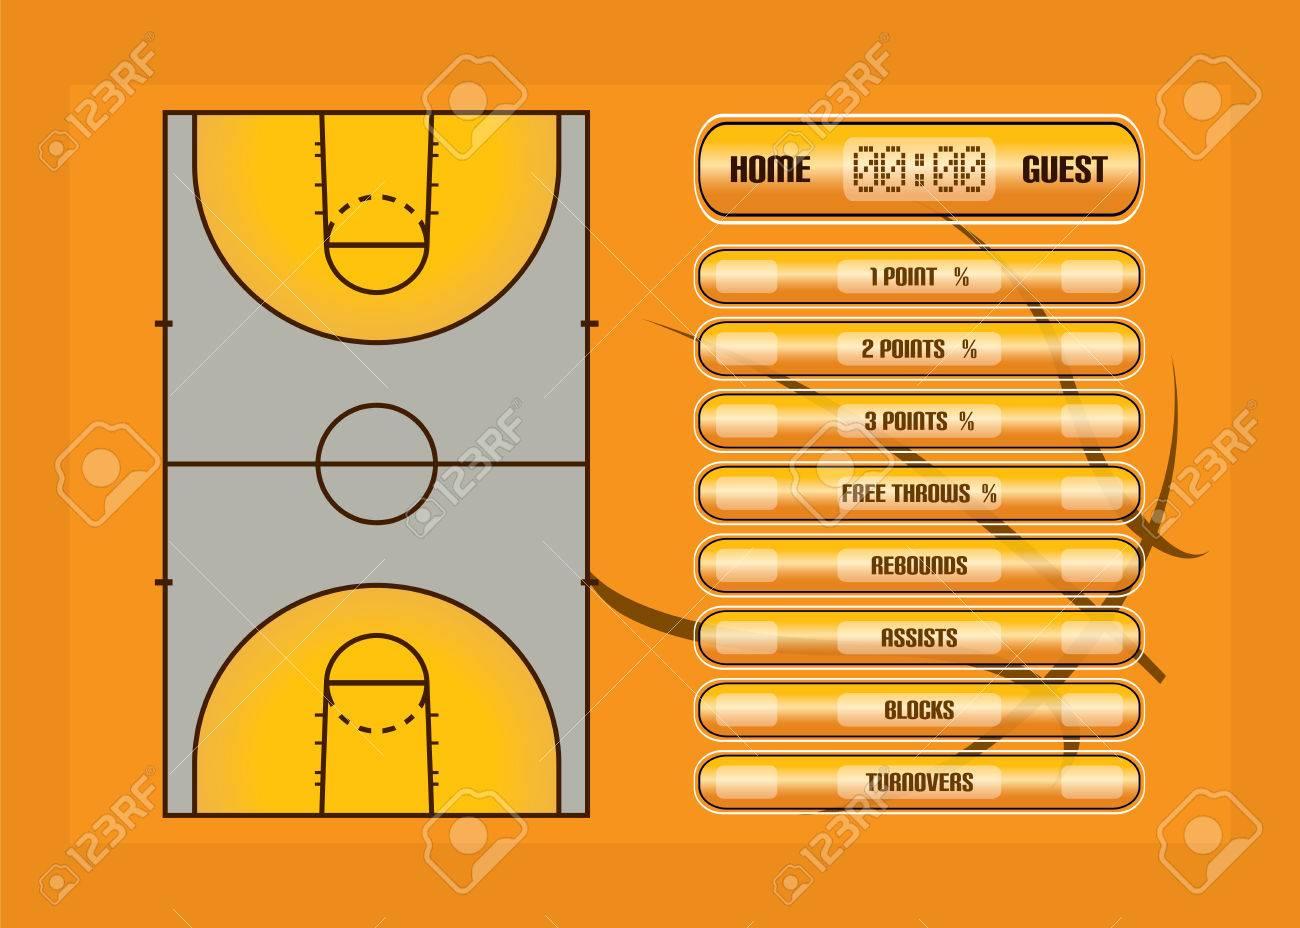 Partido De Baloncesto Ilustración Report Basketball Estadísticas Judiciales Y De Juego De Vectores Ilustraciones Vectoriales Clip Art Vectorizado Libre De Derechos Image 46407668